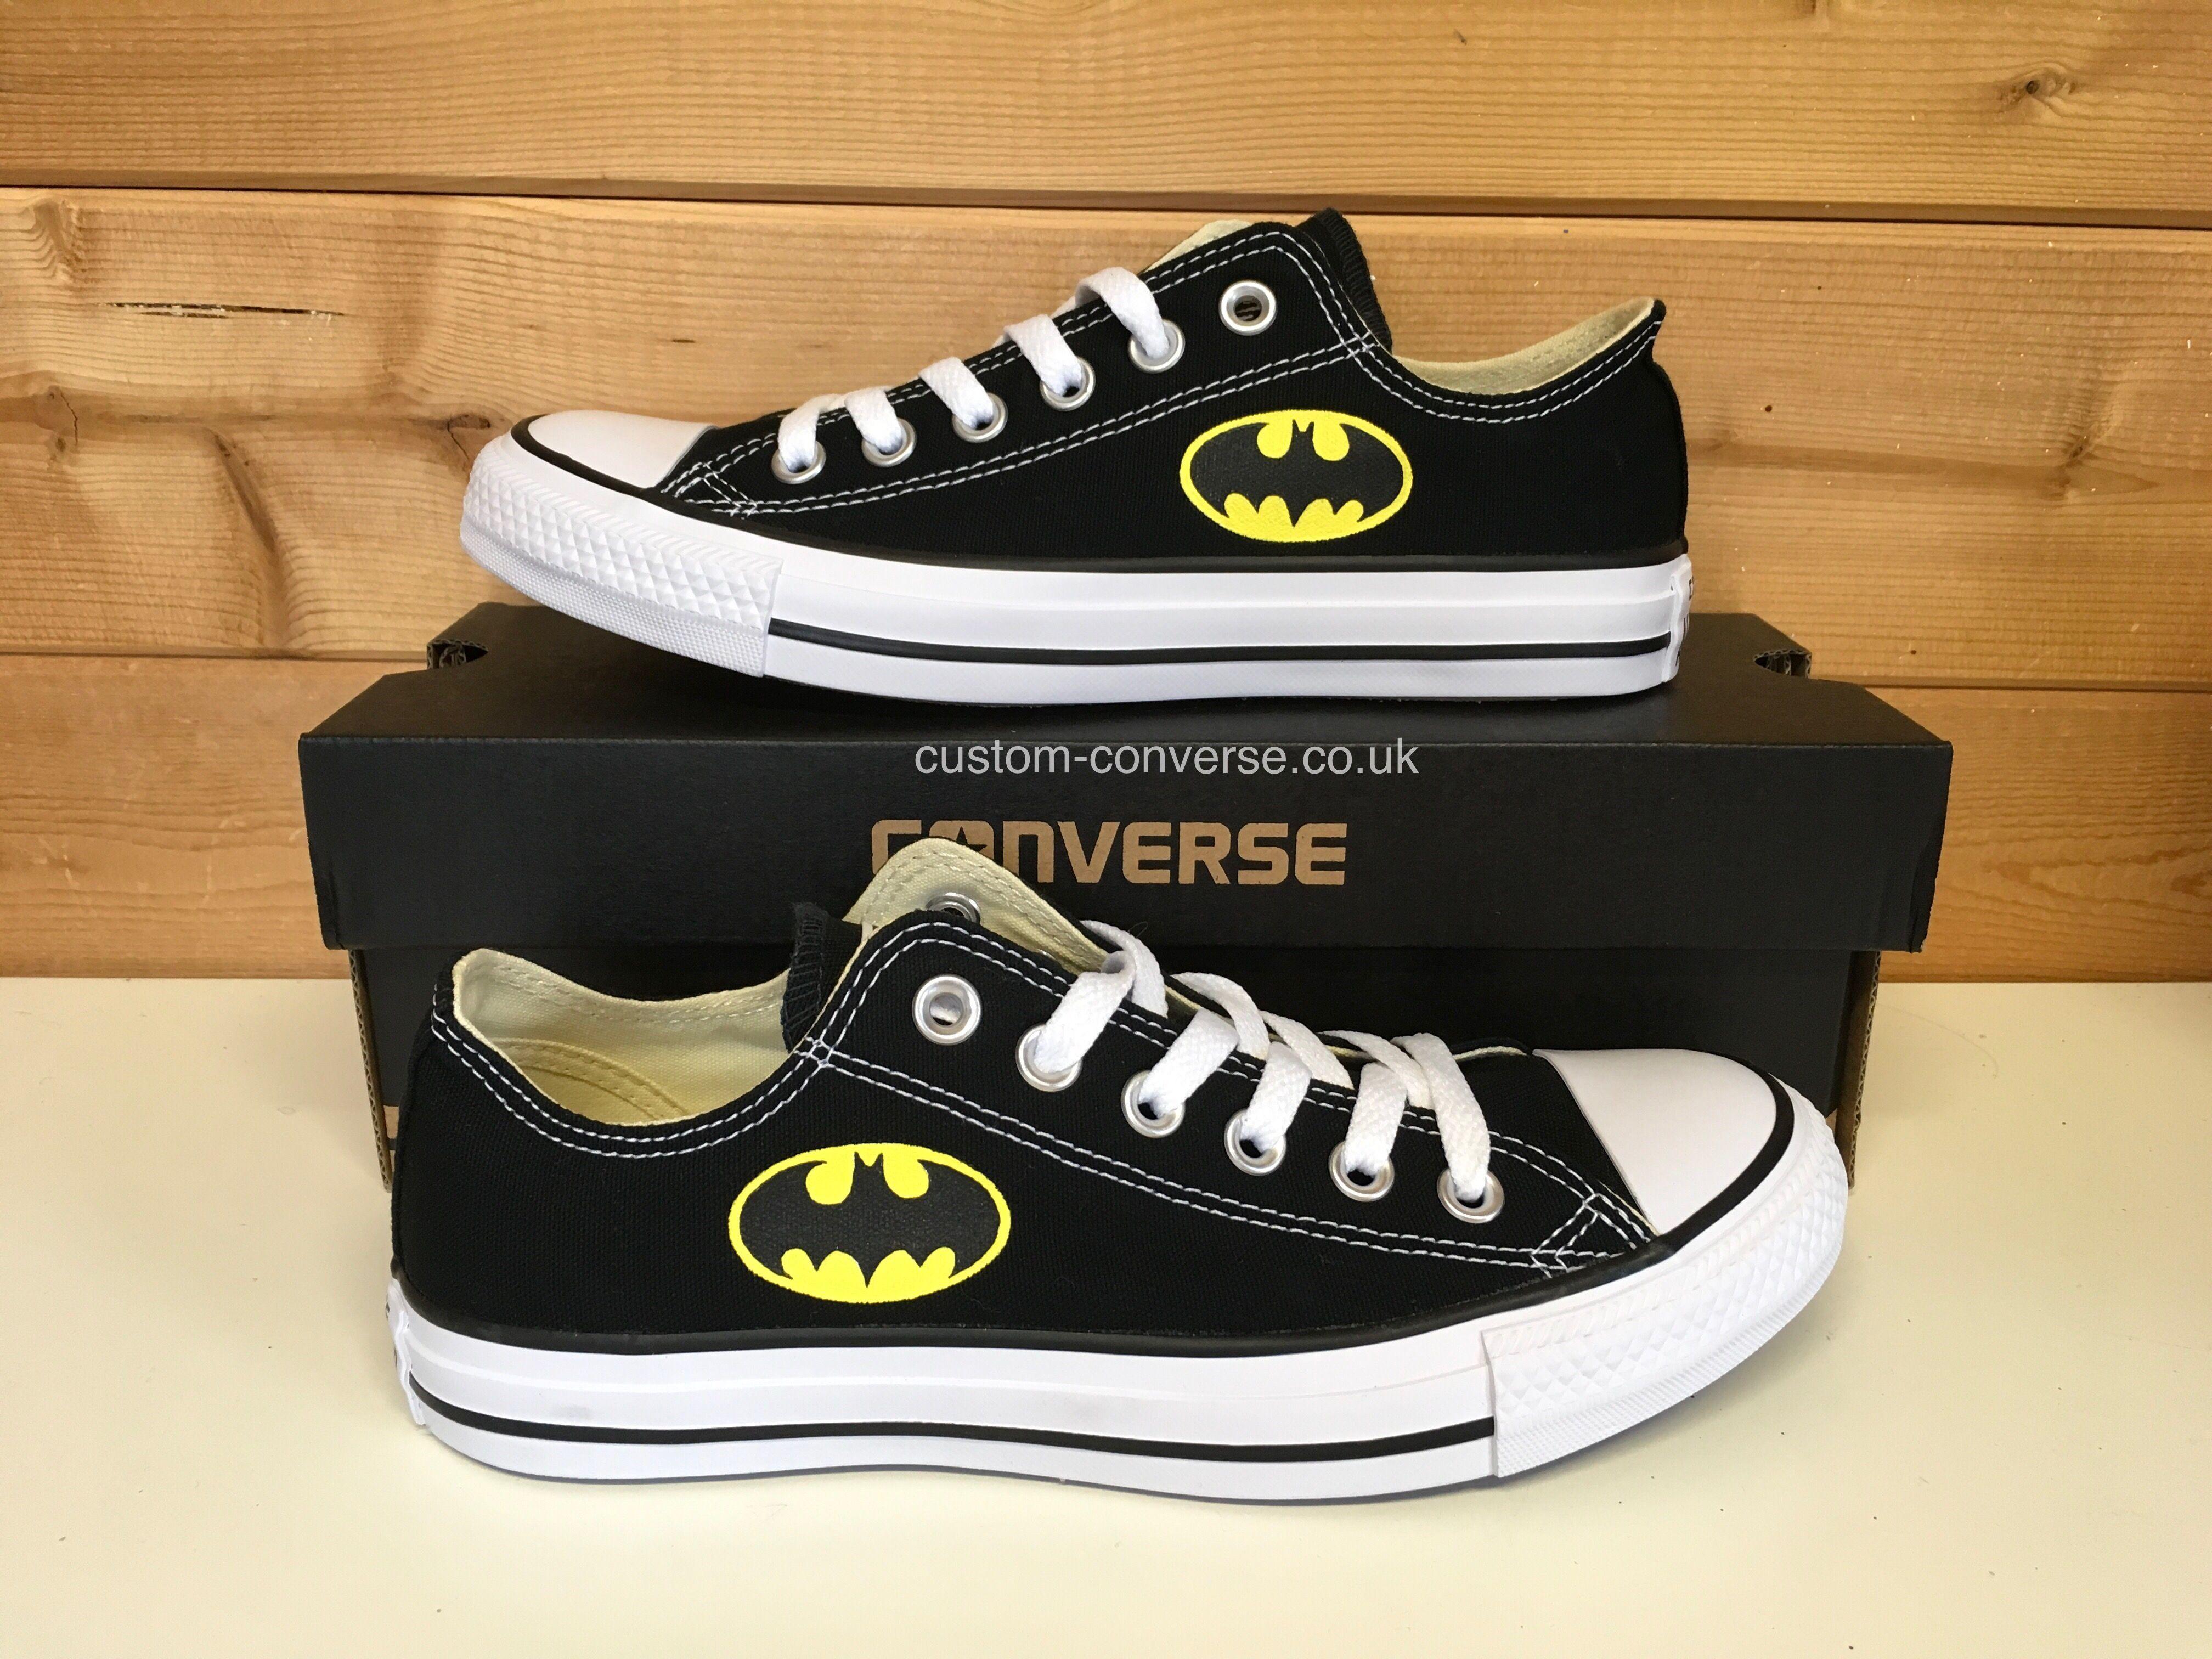 Batman Low Top Converse #converse #customconverse #batman